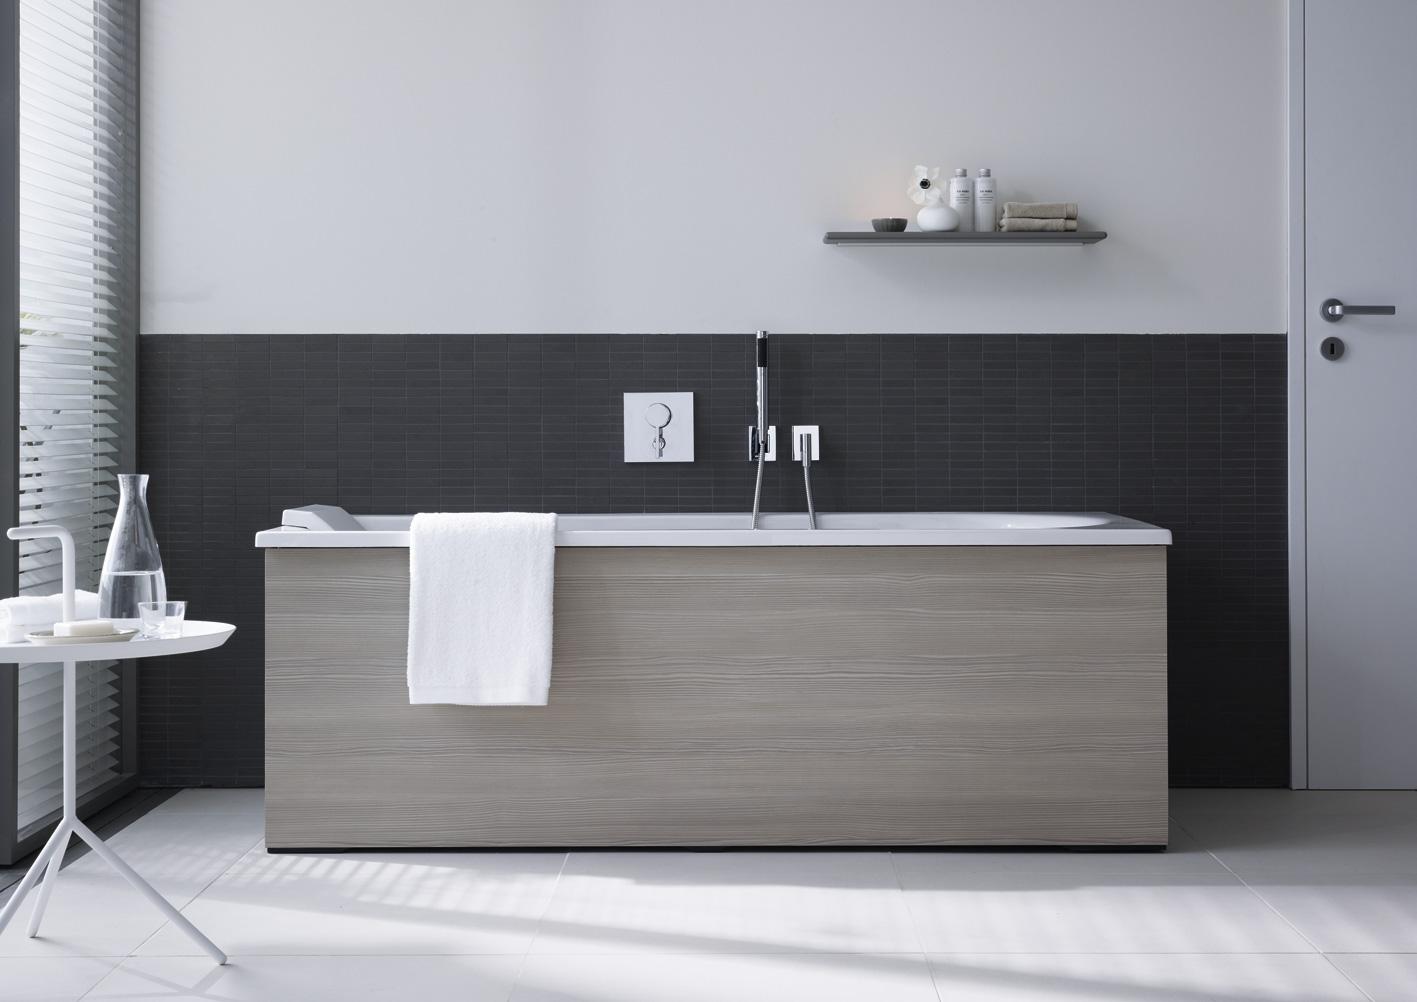 ihr badezimmer badewannen duschen waschbecken. Black Bedroom Furniture Sets. Home Design Ideas